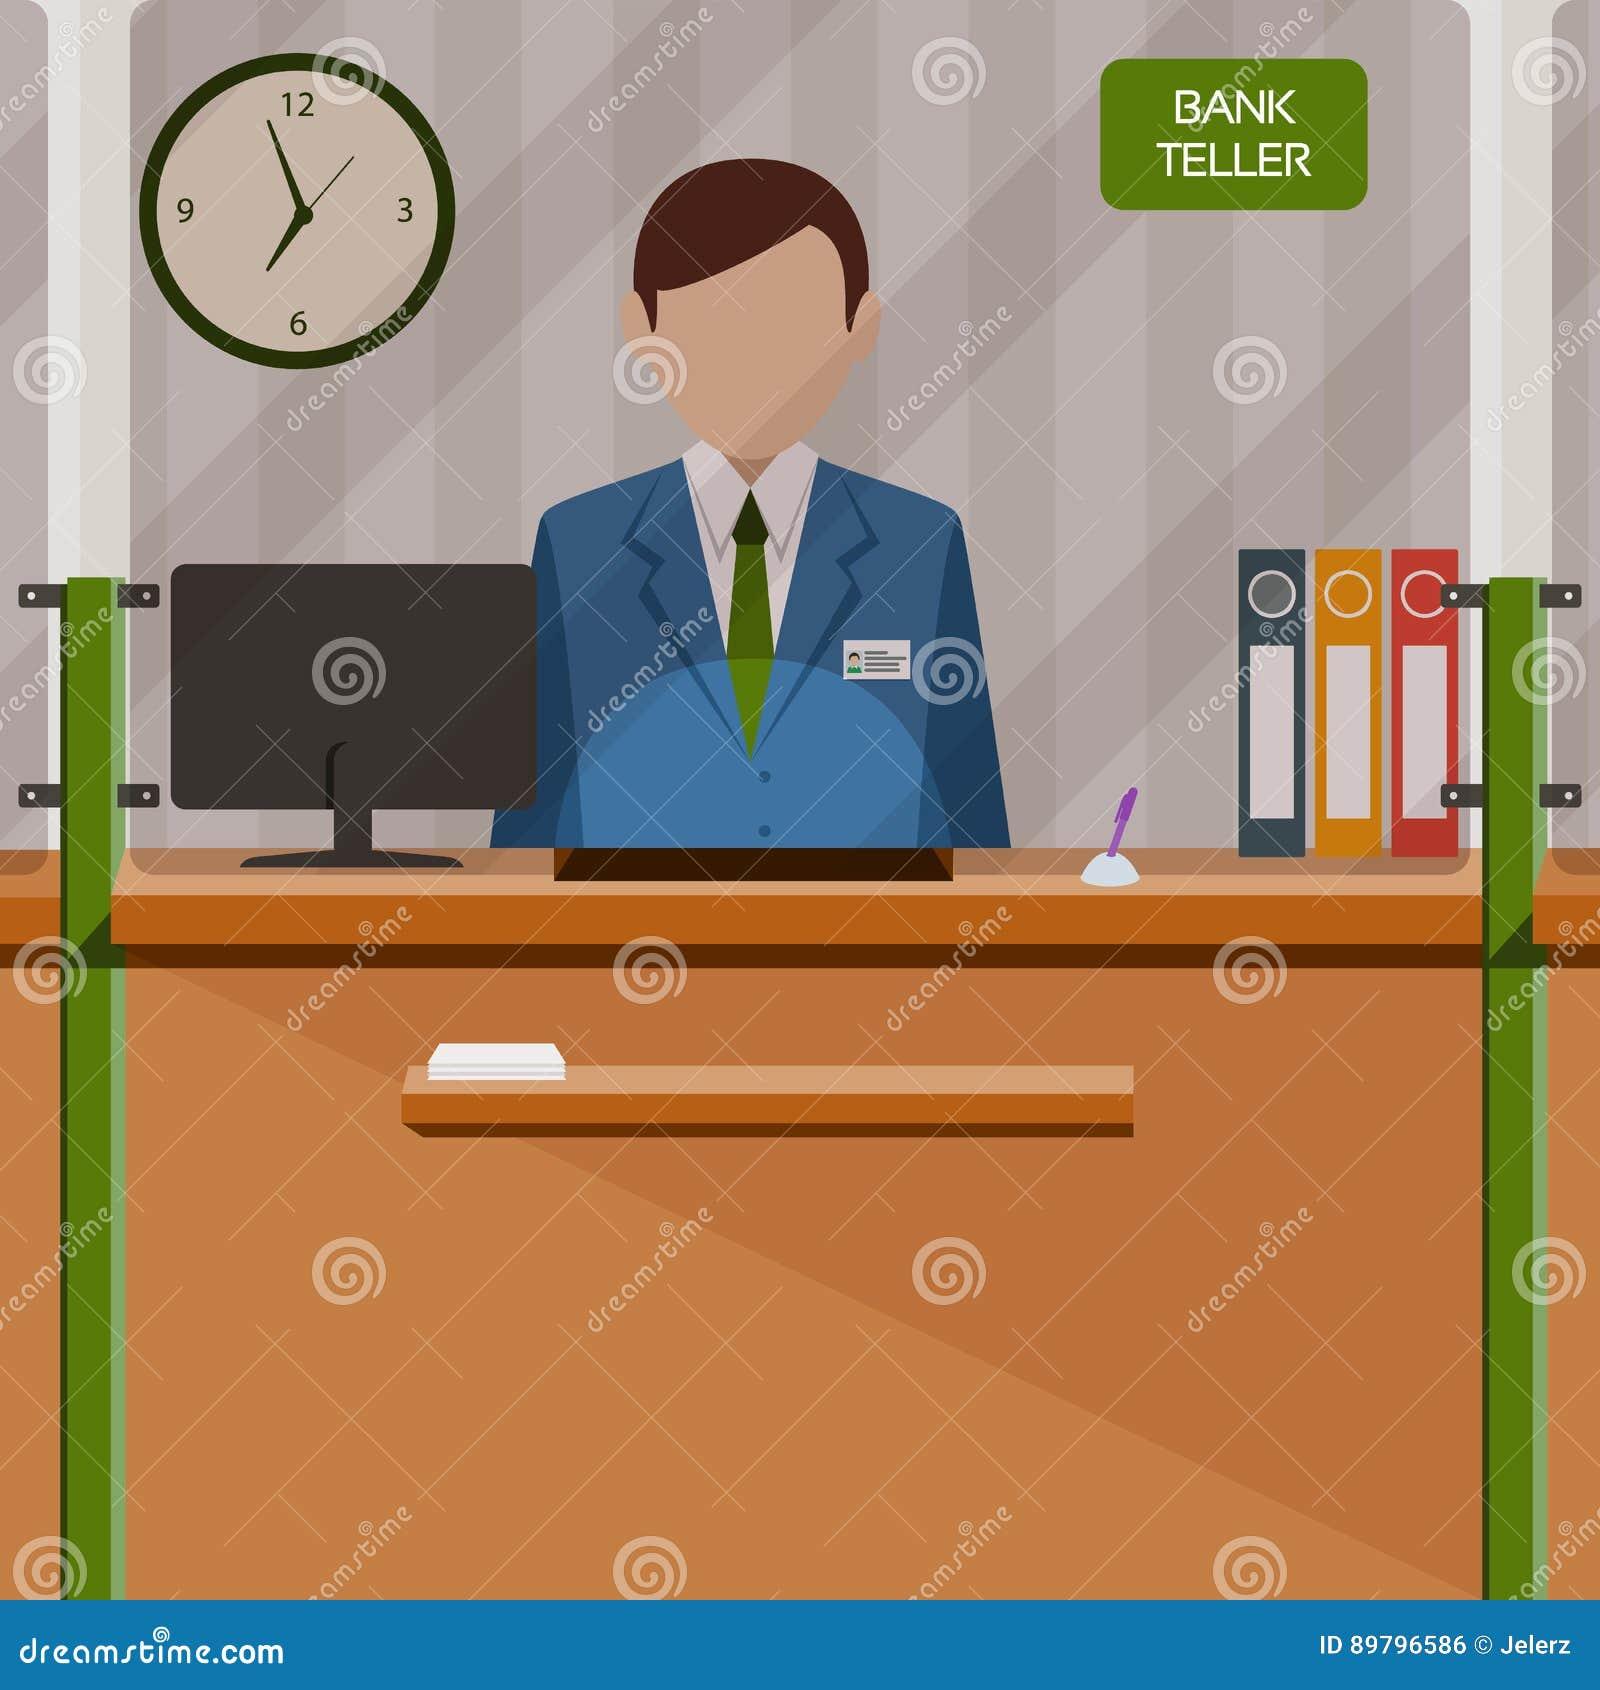 在窗口后的银行出纳员 在银行帐户的放置的金钱 人们为服务和付款